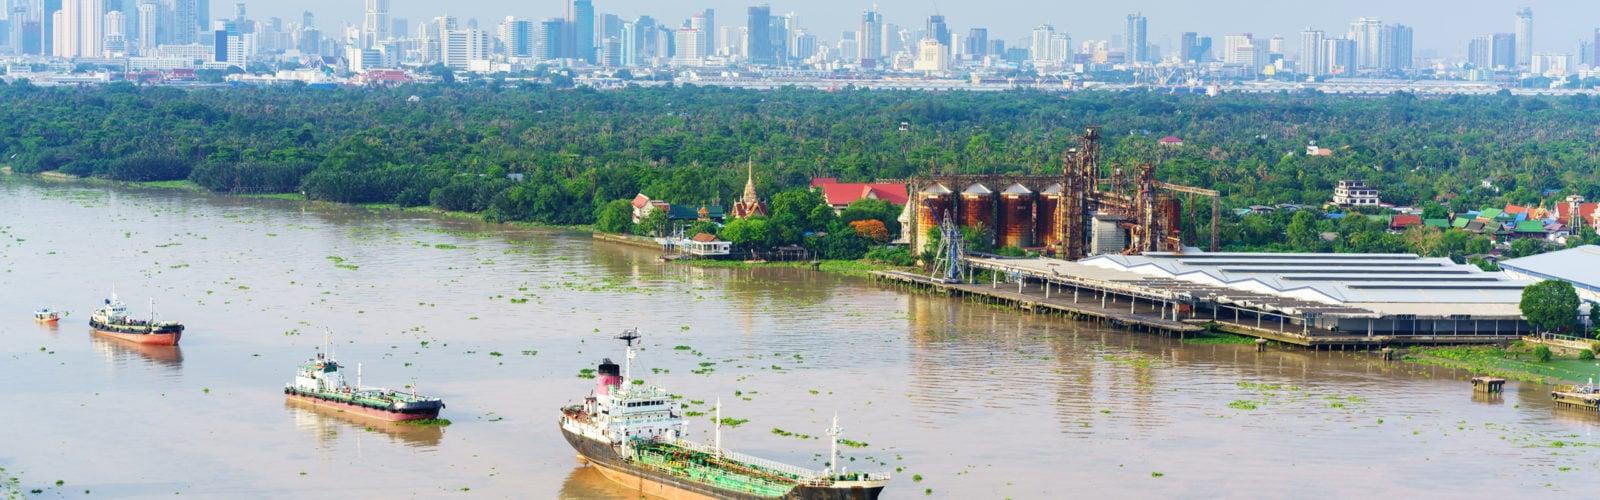 chao-phraya-river-thailand